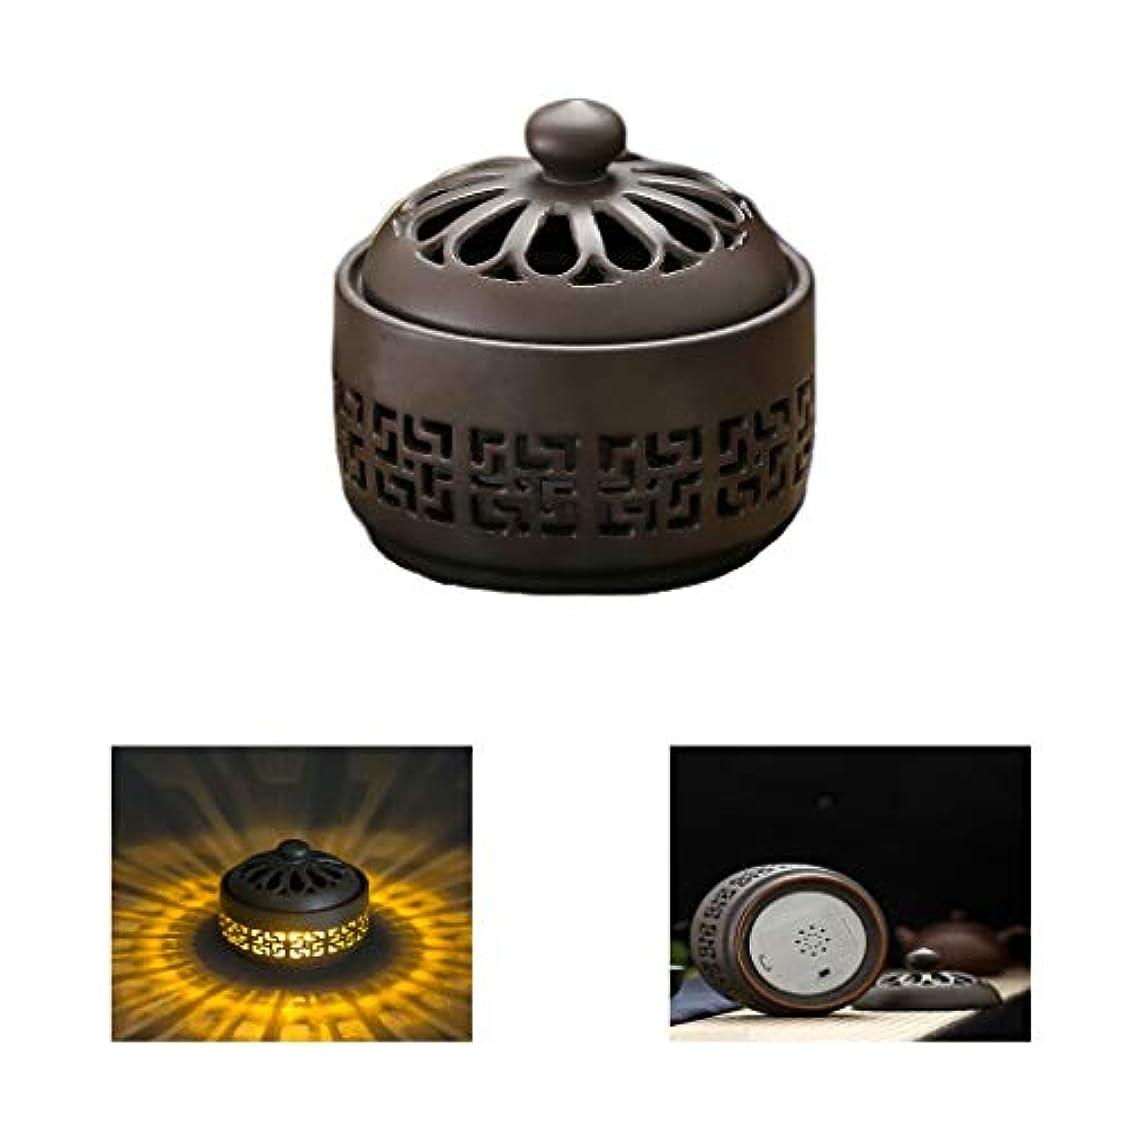 不合格反射スカープ芳香器?アロマバーナー LED暖かい光香バーナーレトロノスタルジックなセラミック香炉高温アロマセラピー炉 アロマバーナー (Color : Earth tones)